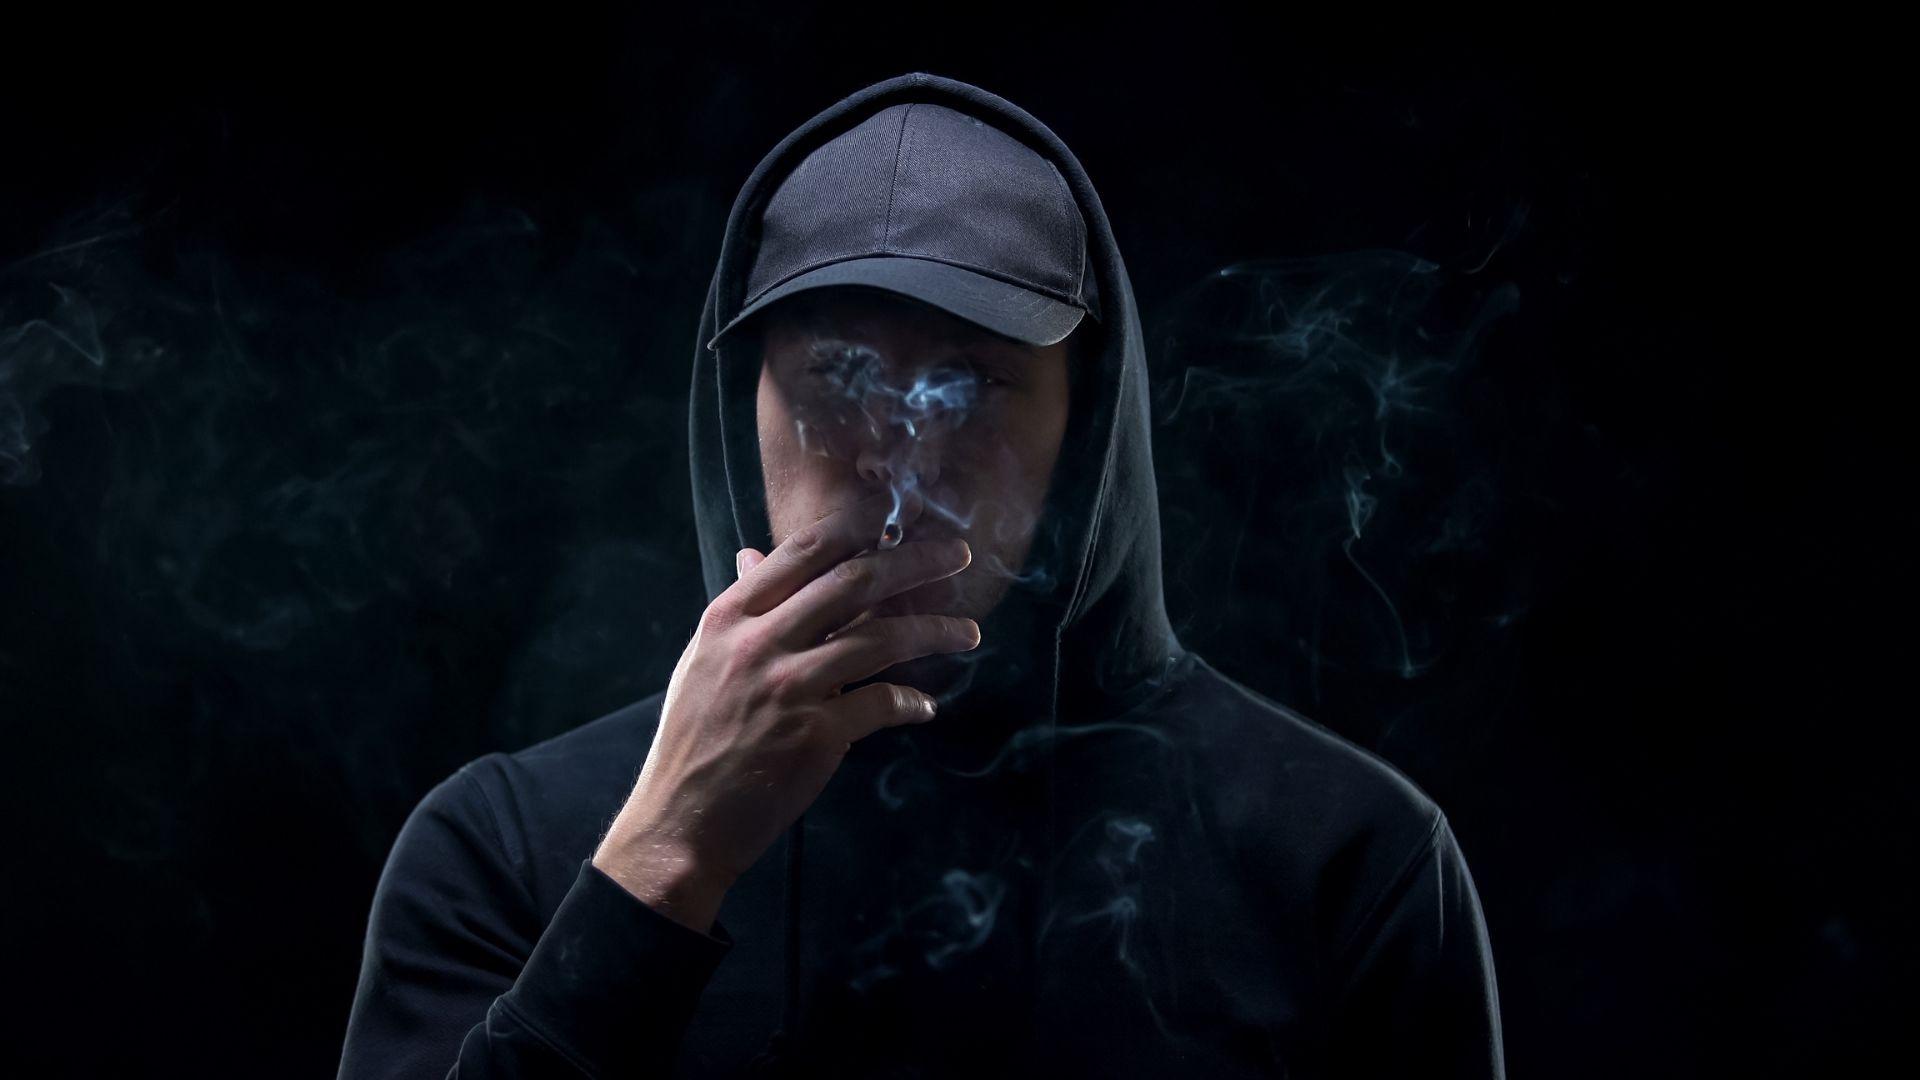 ego kadilec